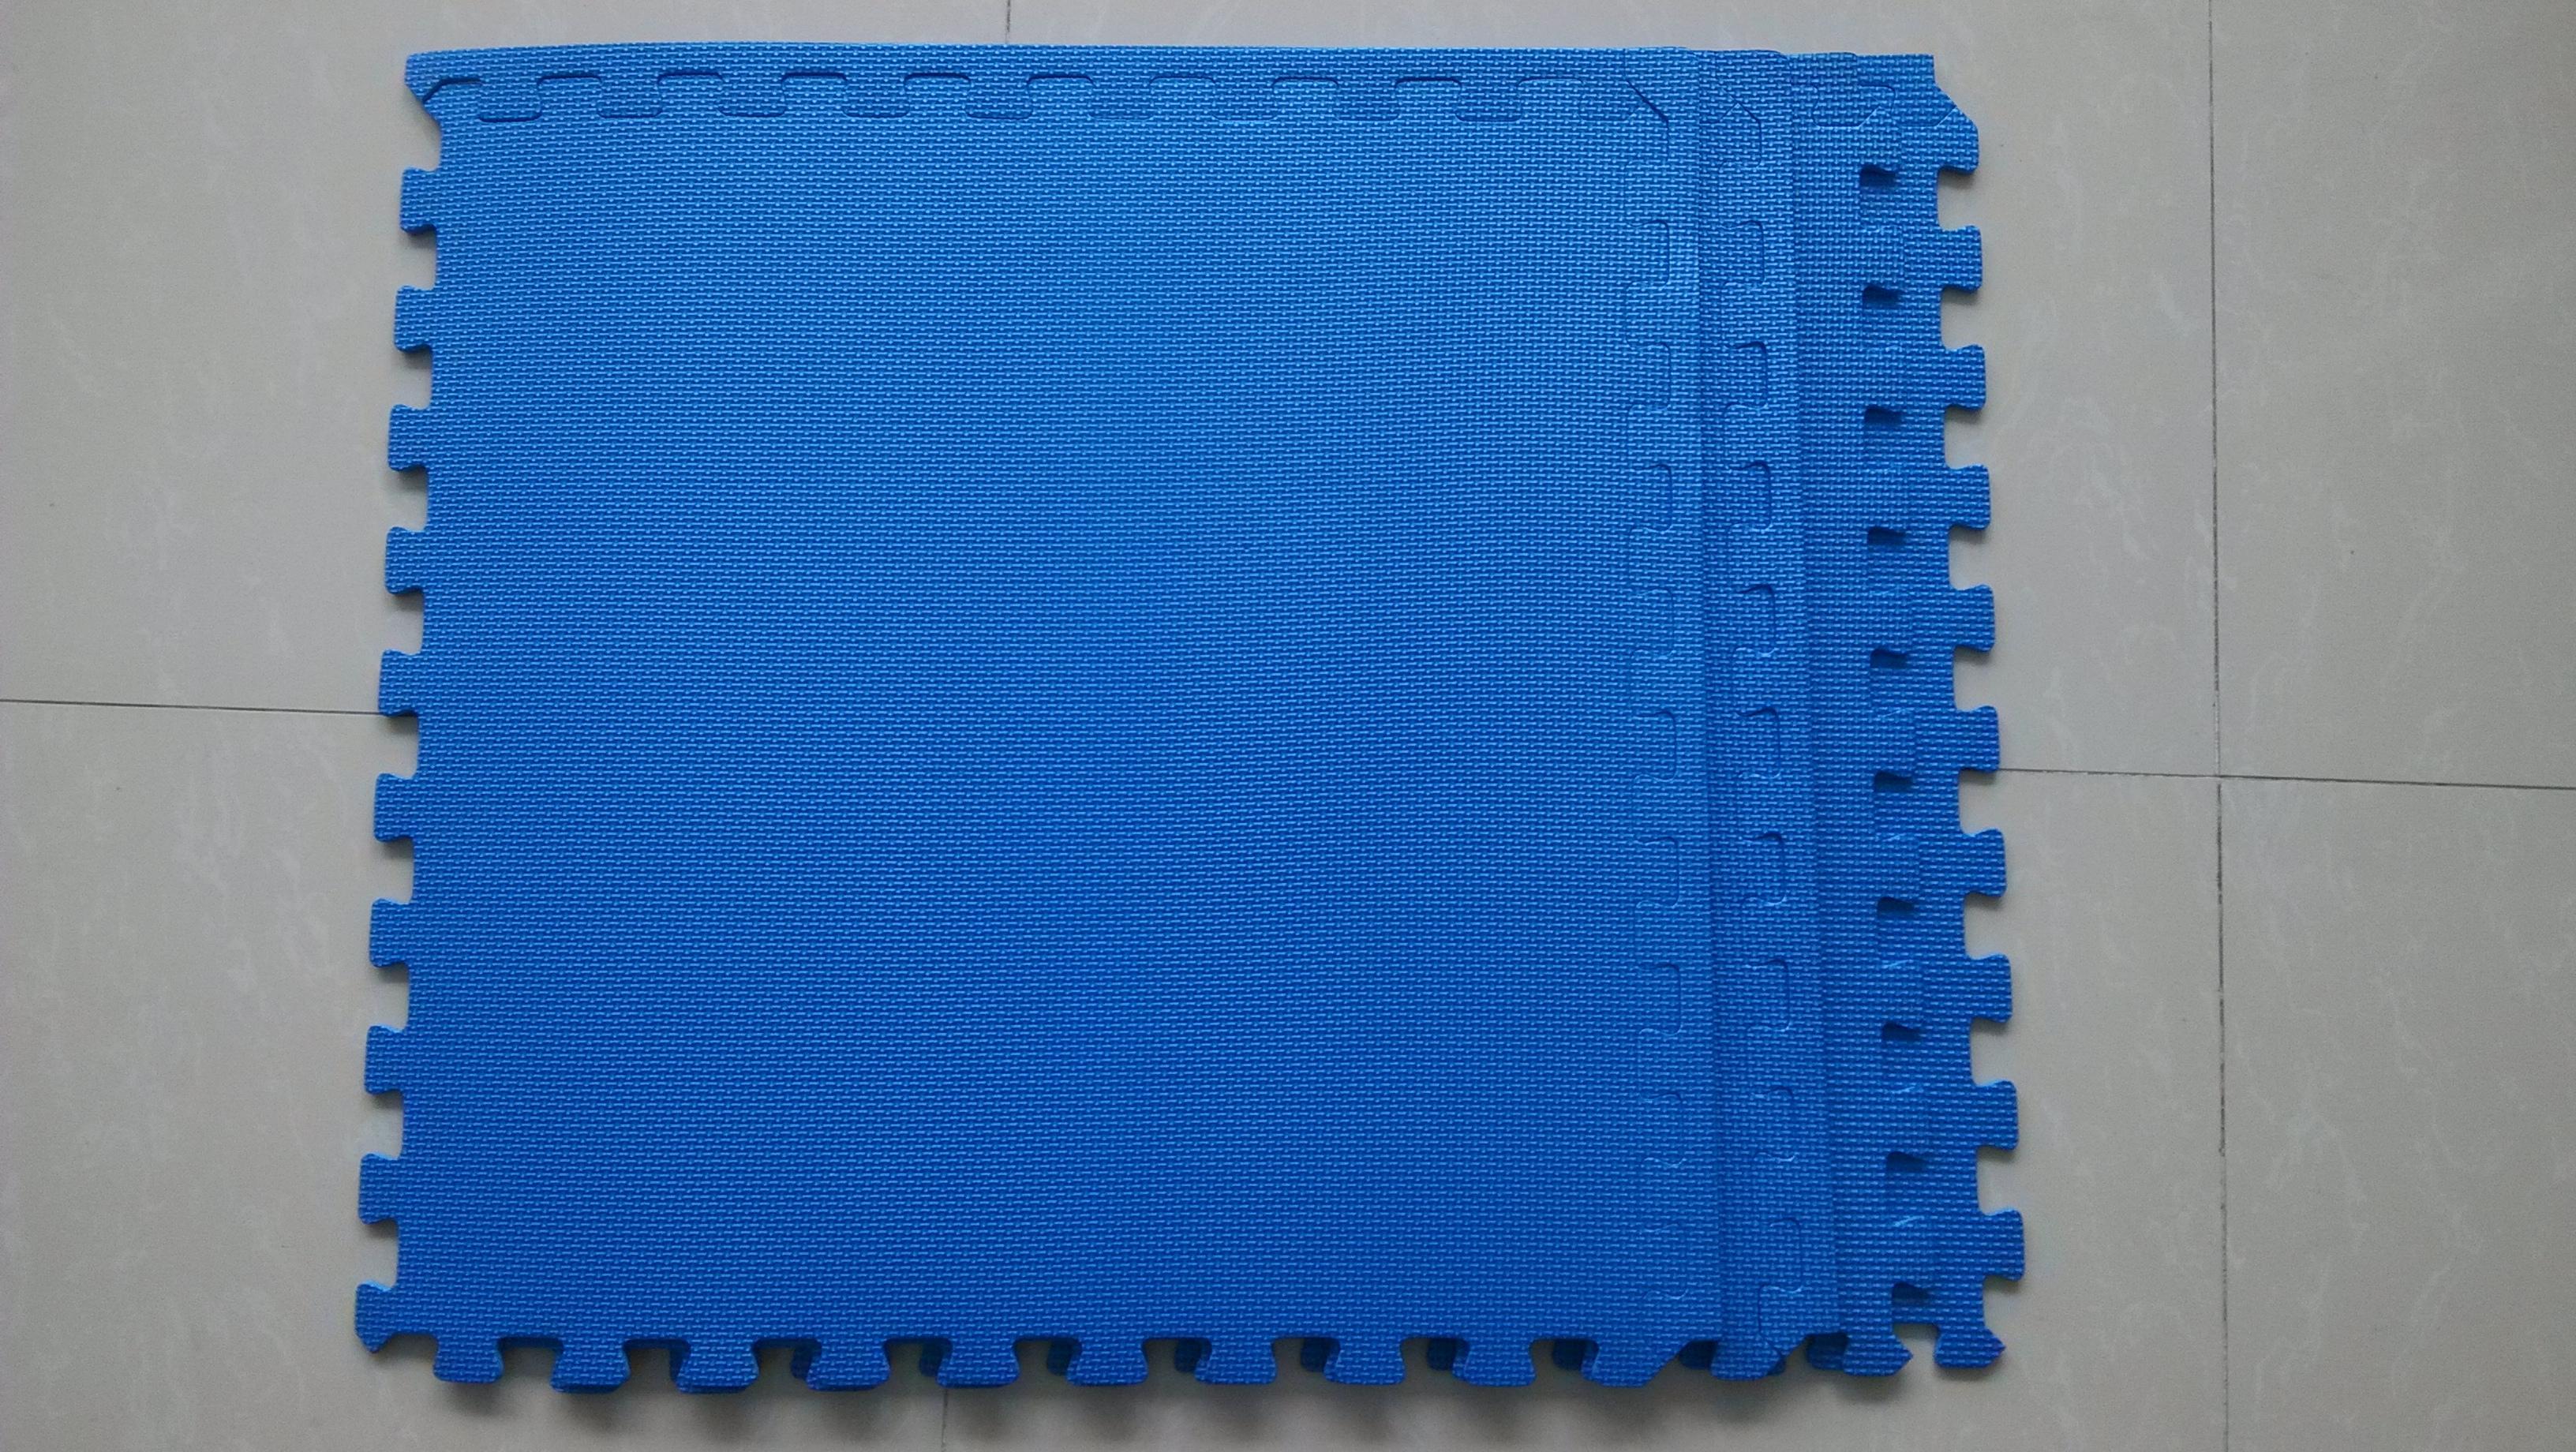 Floor mats manufacturers india - Eva Interlocking Anti Fatigue Floor Mat 4 60mm Floor Mats Manufacturer Play Mat Manufacturer Tatami